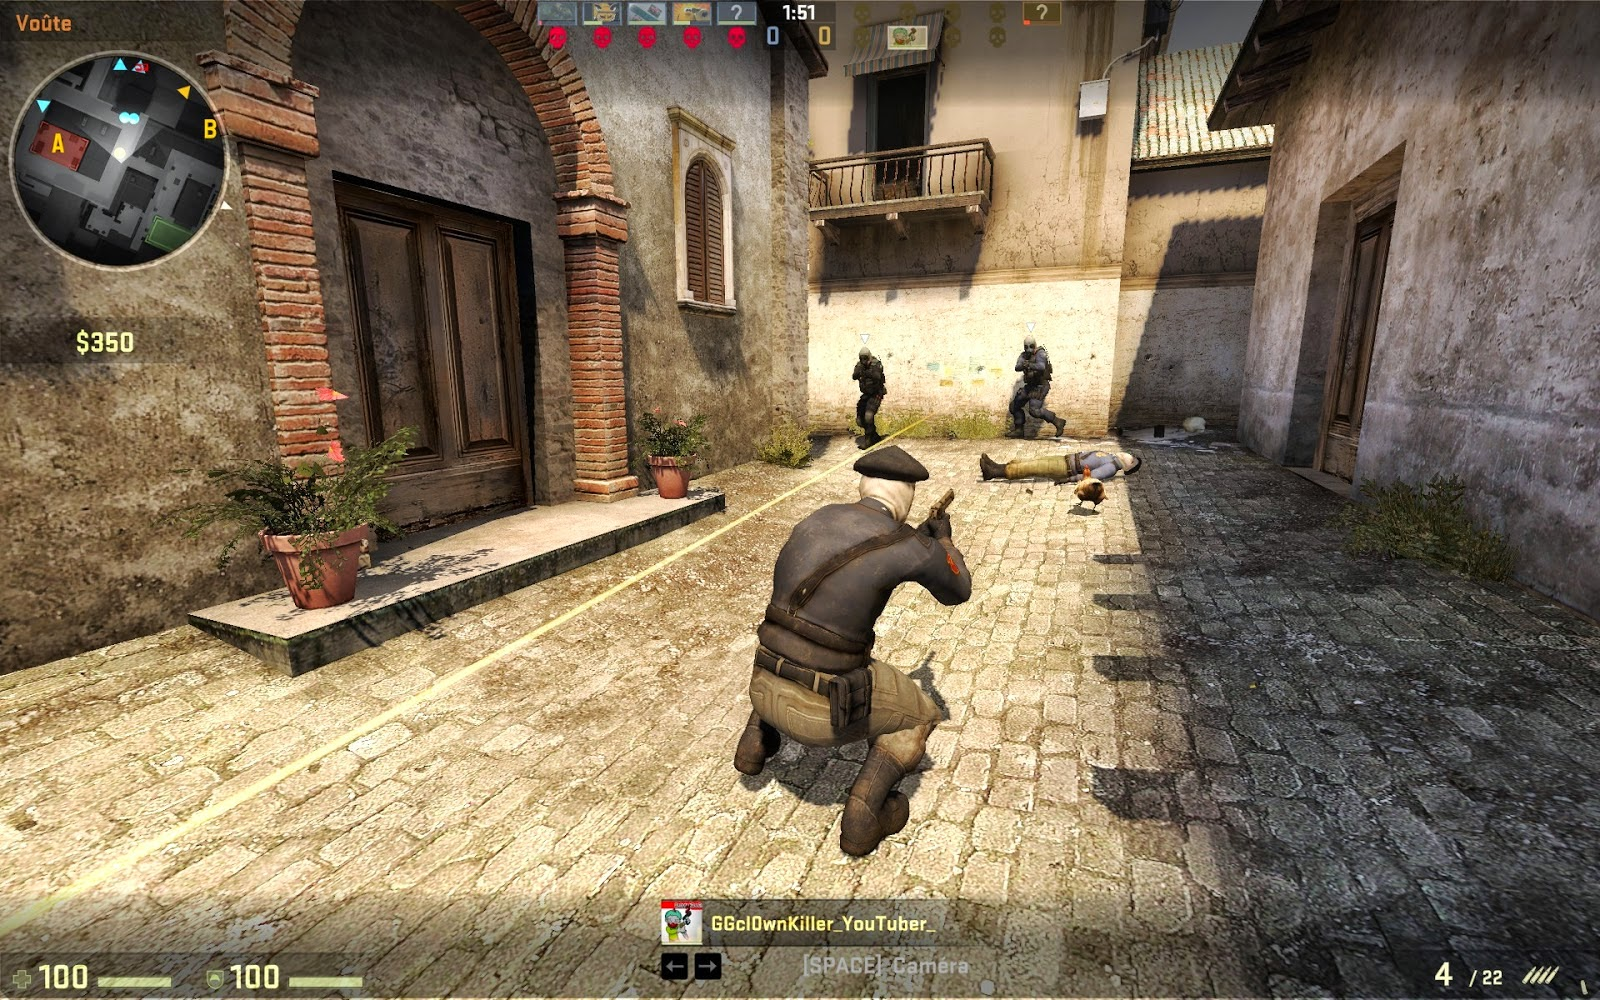 تحميل لعبة الأكشن و الإثارة Counter-Strike Global Offensive 1245775-counter-strike-global-offensive-25